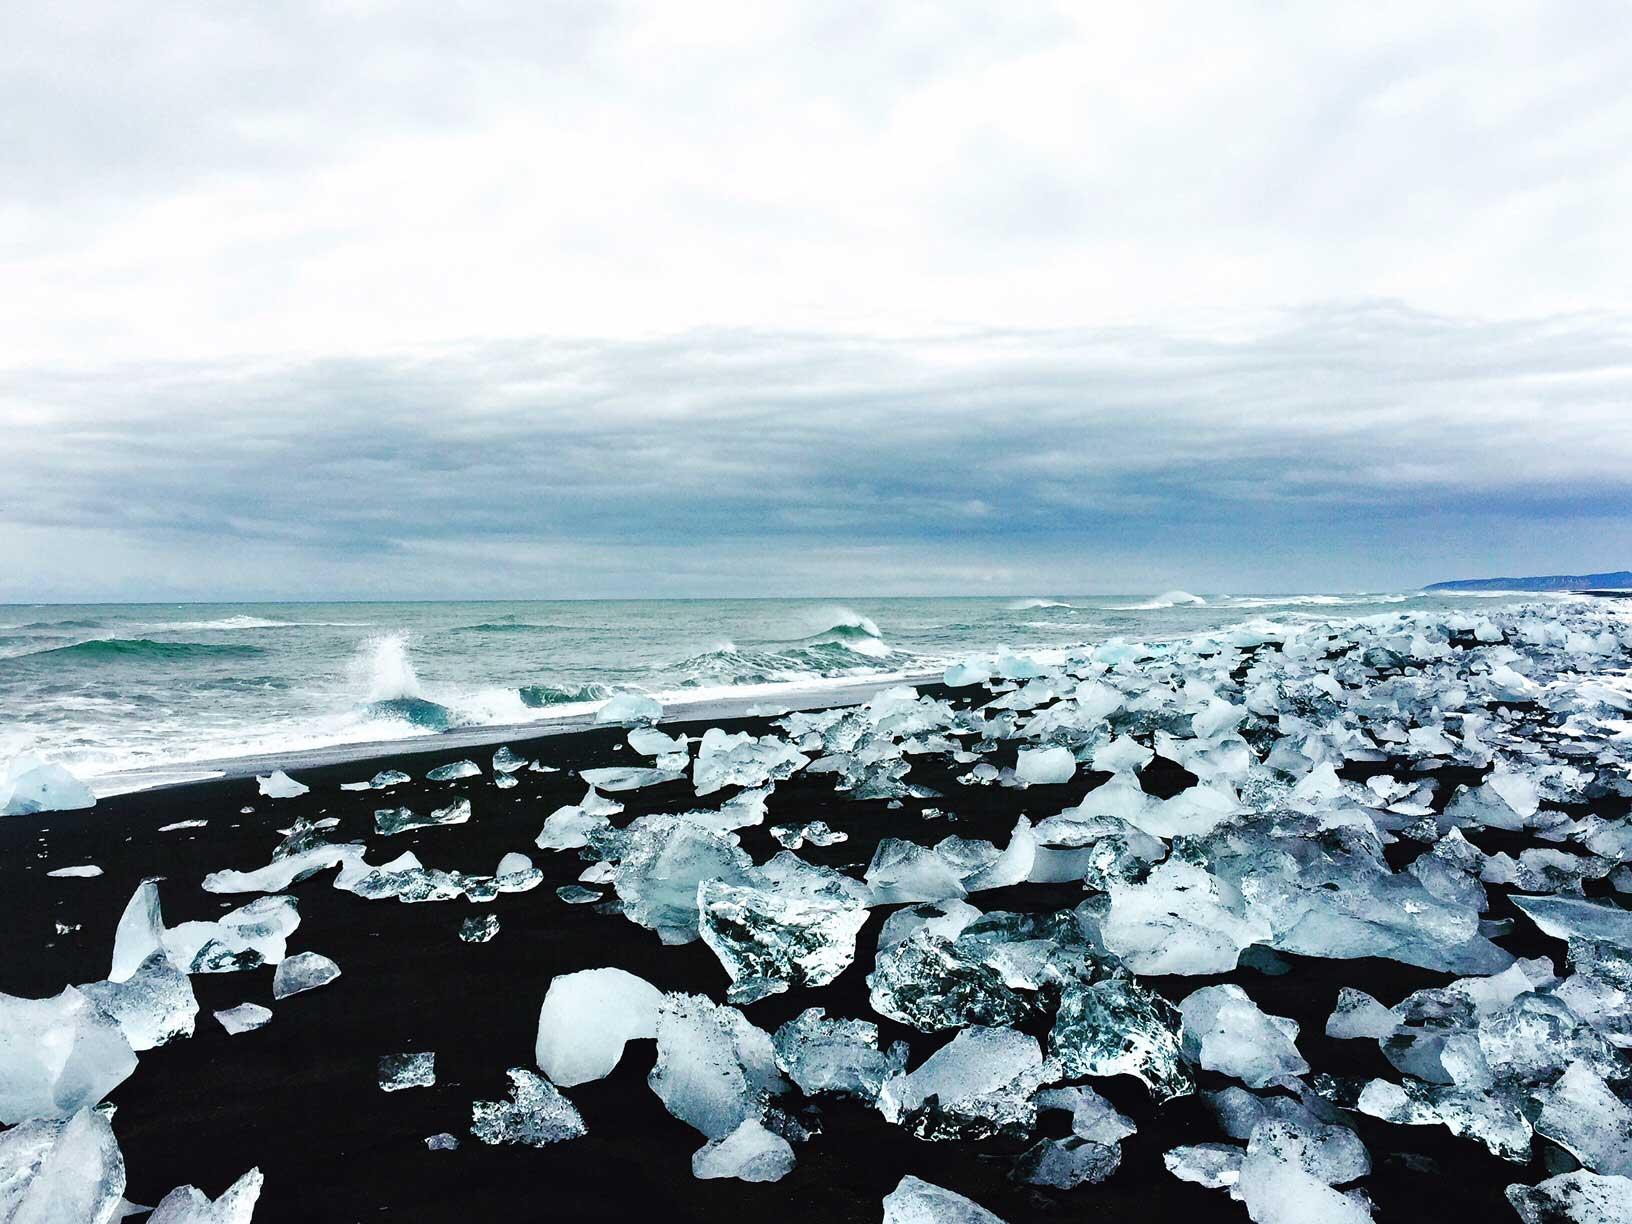 An einem Spot lagen tatsächlich Eisblöcke am Strand. Das war aber auch direkt vor einem Gletscher.